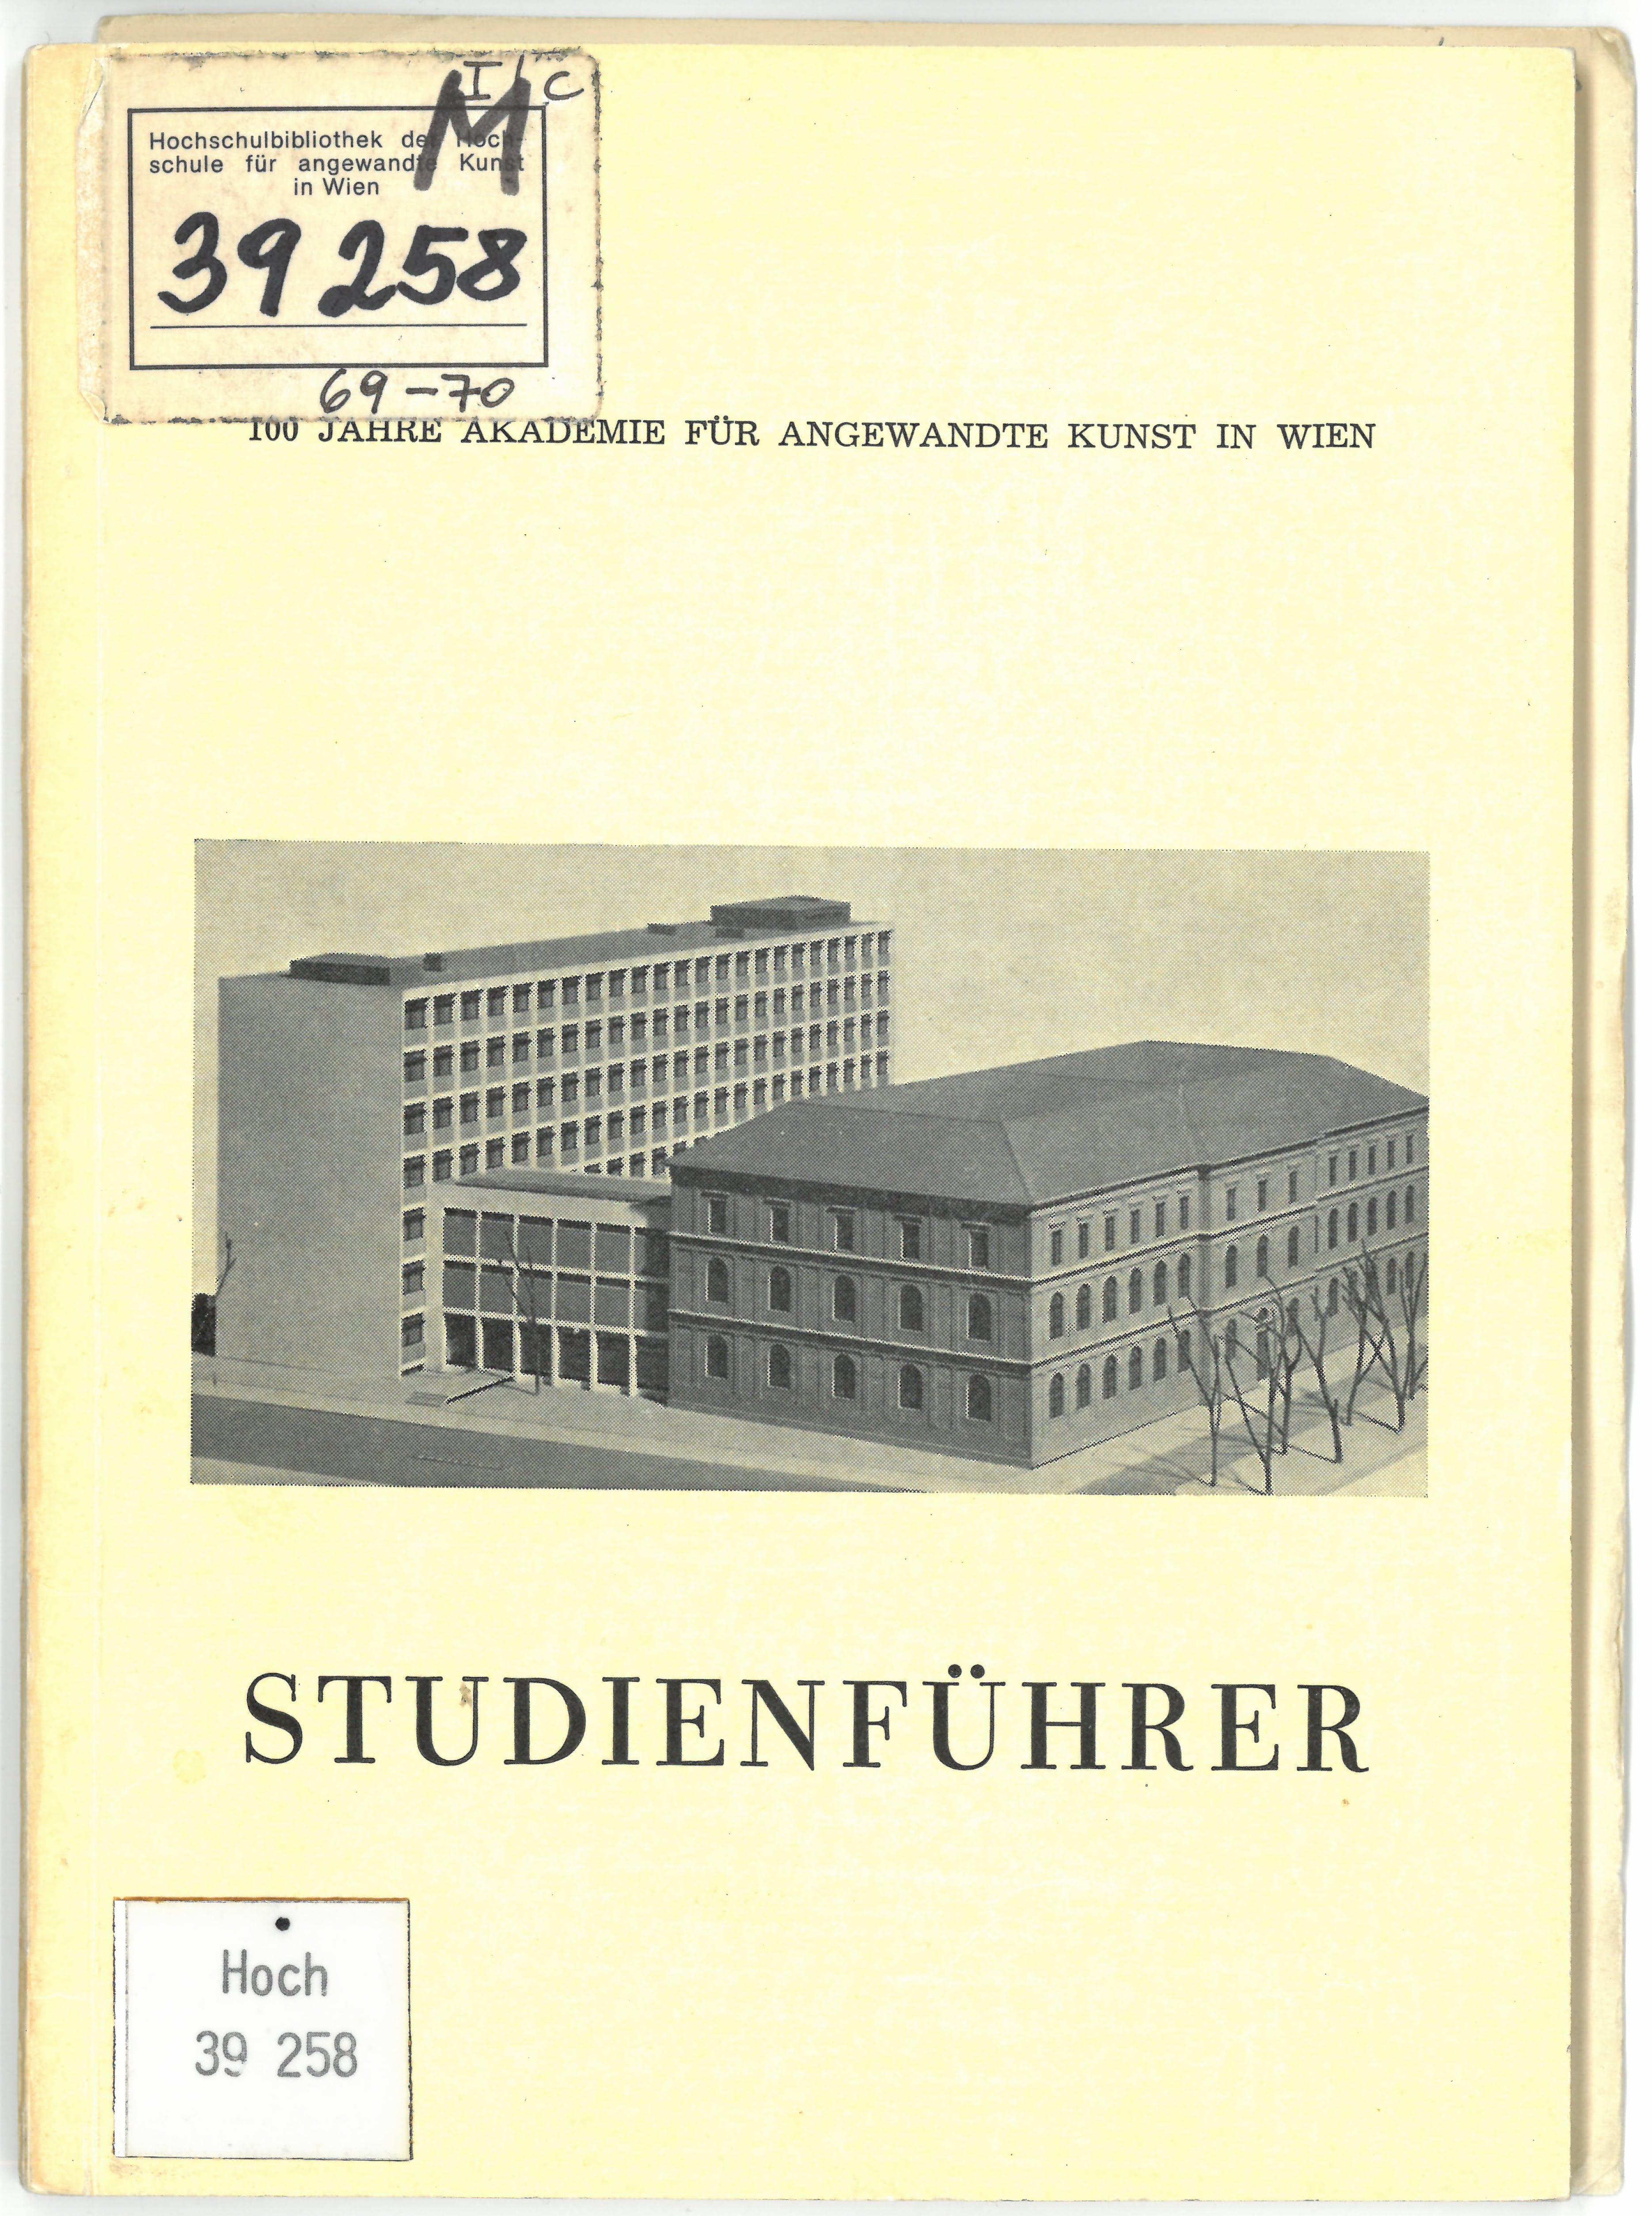 Studienführer 1969